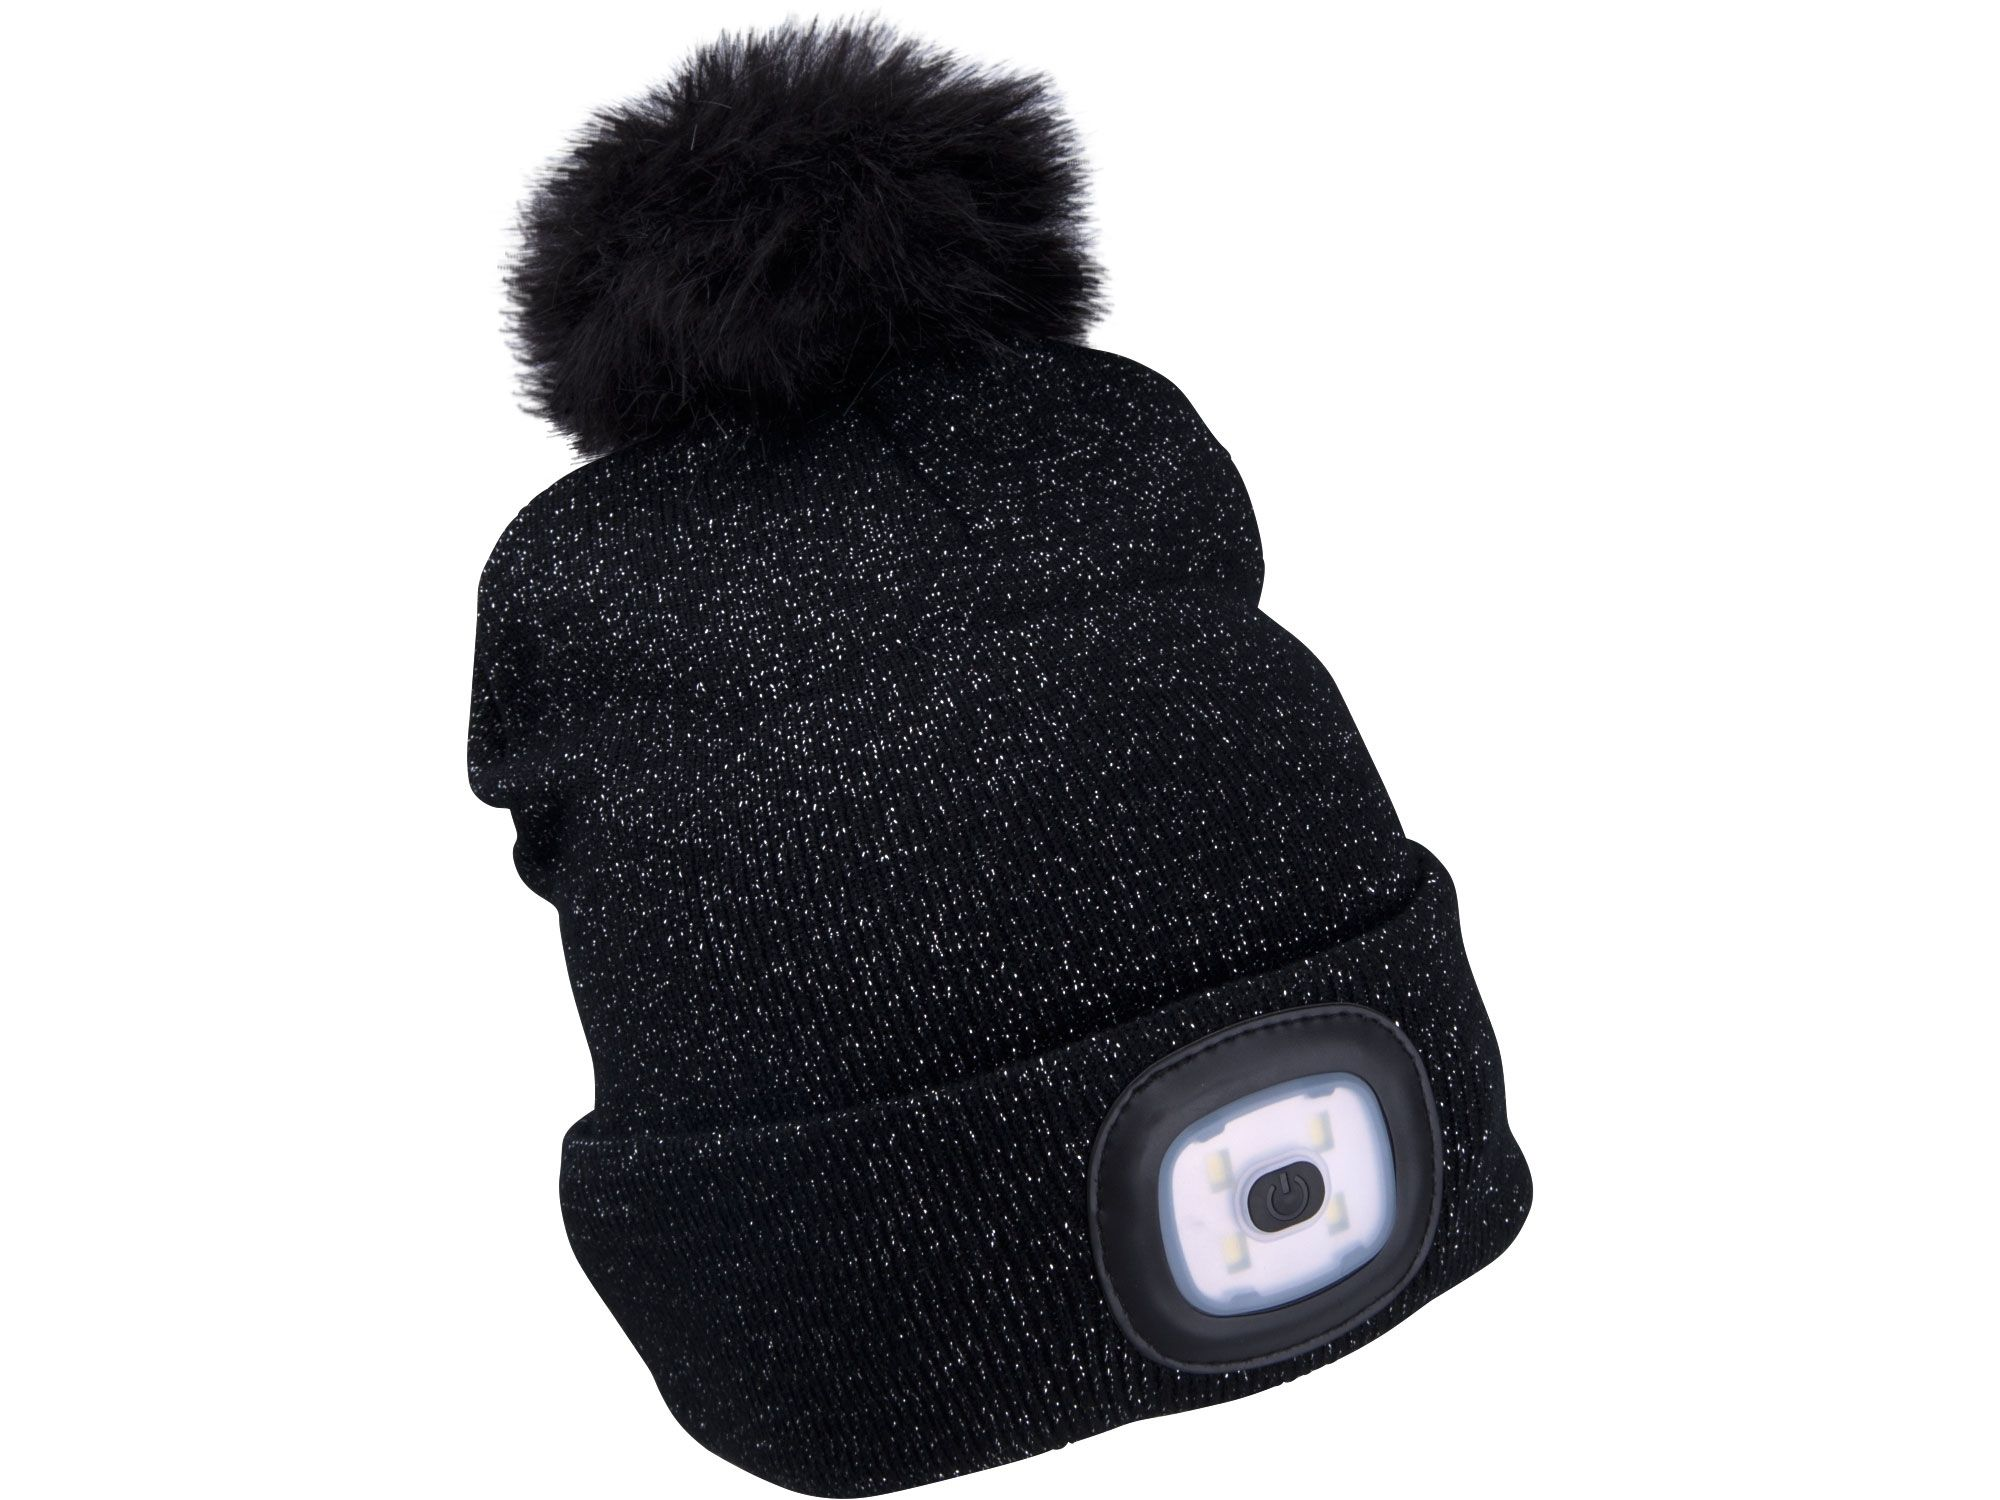 Čepice s čelovkou 4x45lm, USB nabíjení, černá se třpytkou a bambulí, univerzální velikost EXTOL-LIGHT